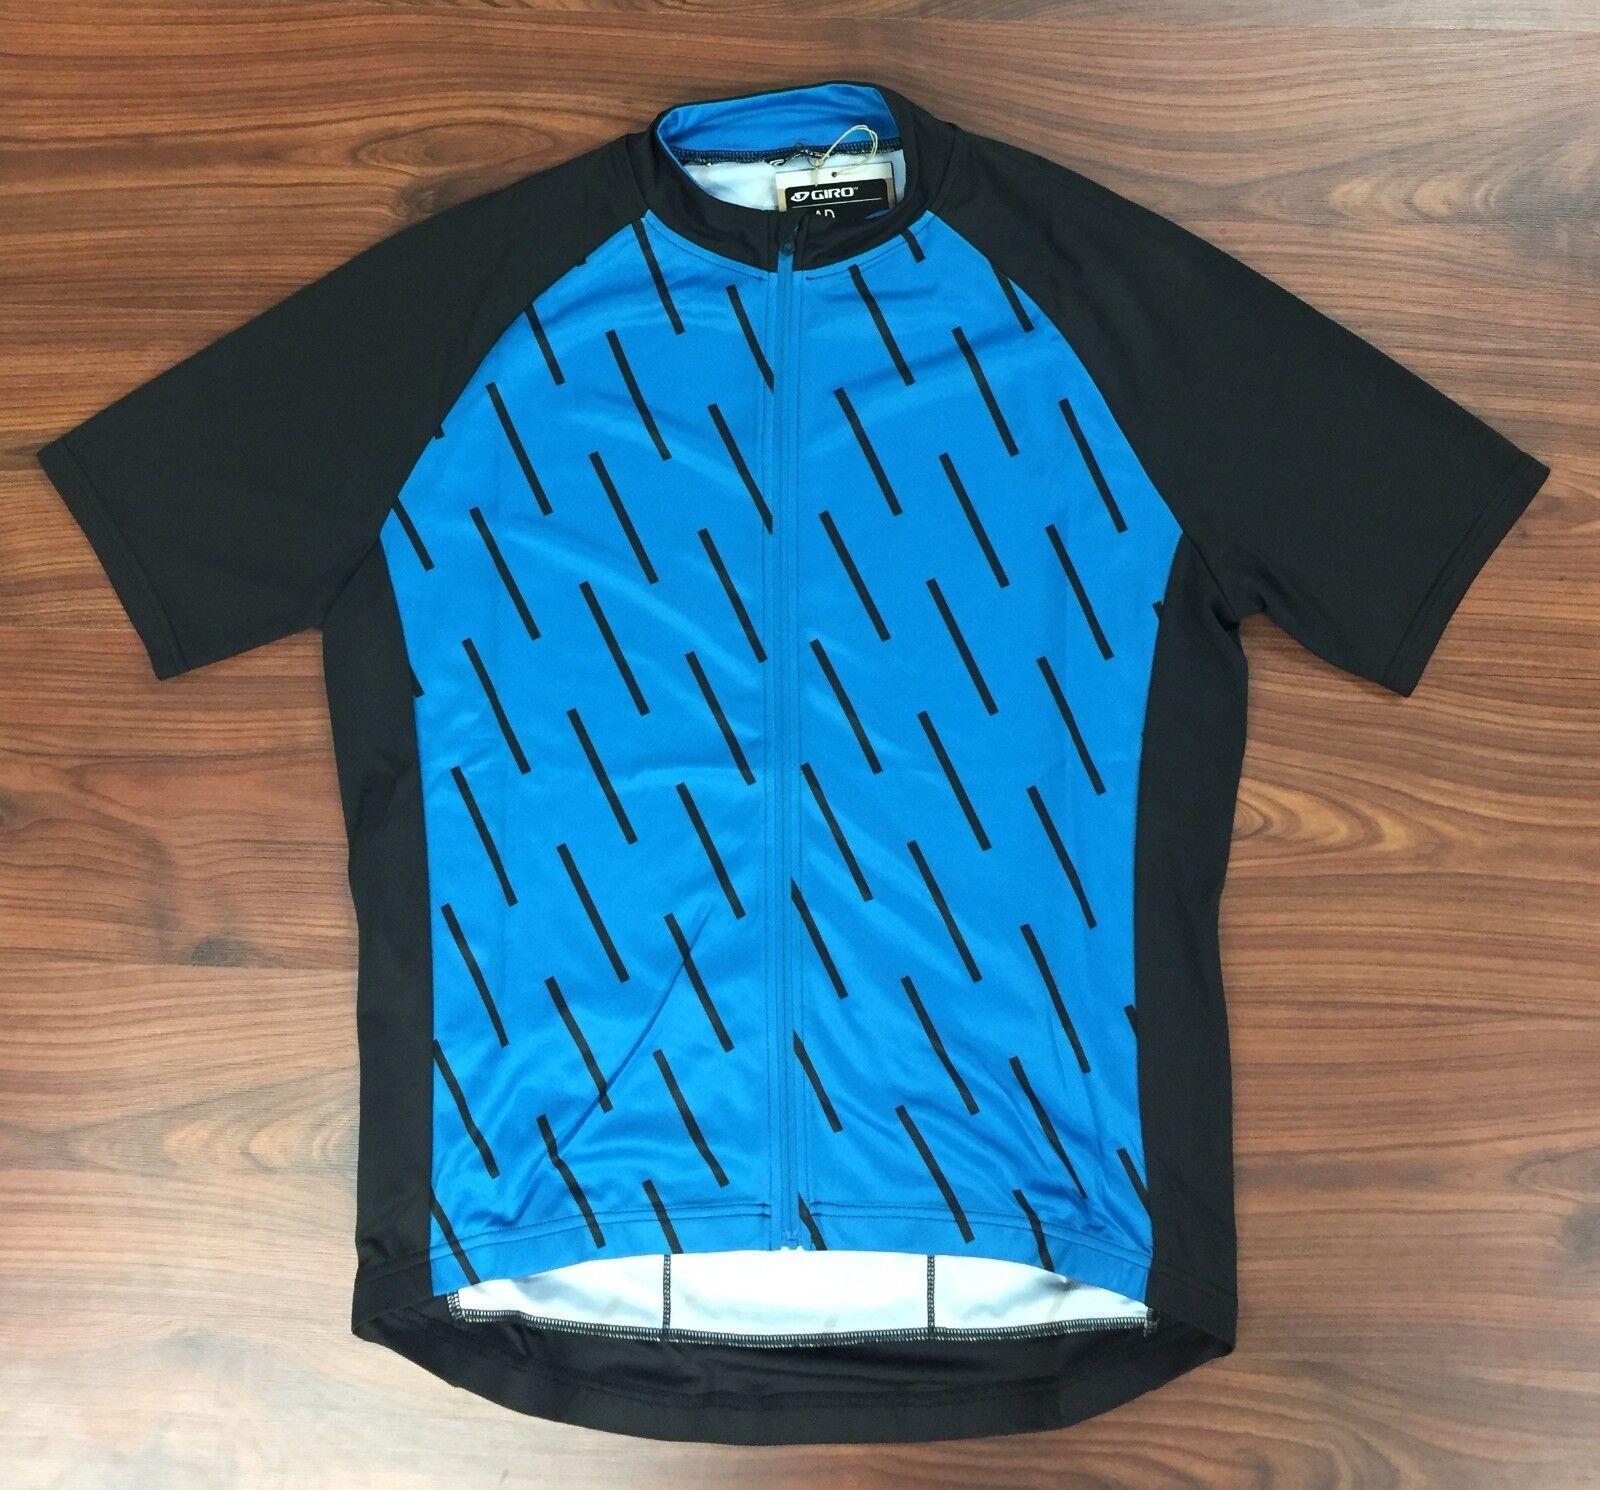 Giro Men's Chrono Sport Jersey Size XXL New